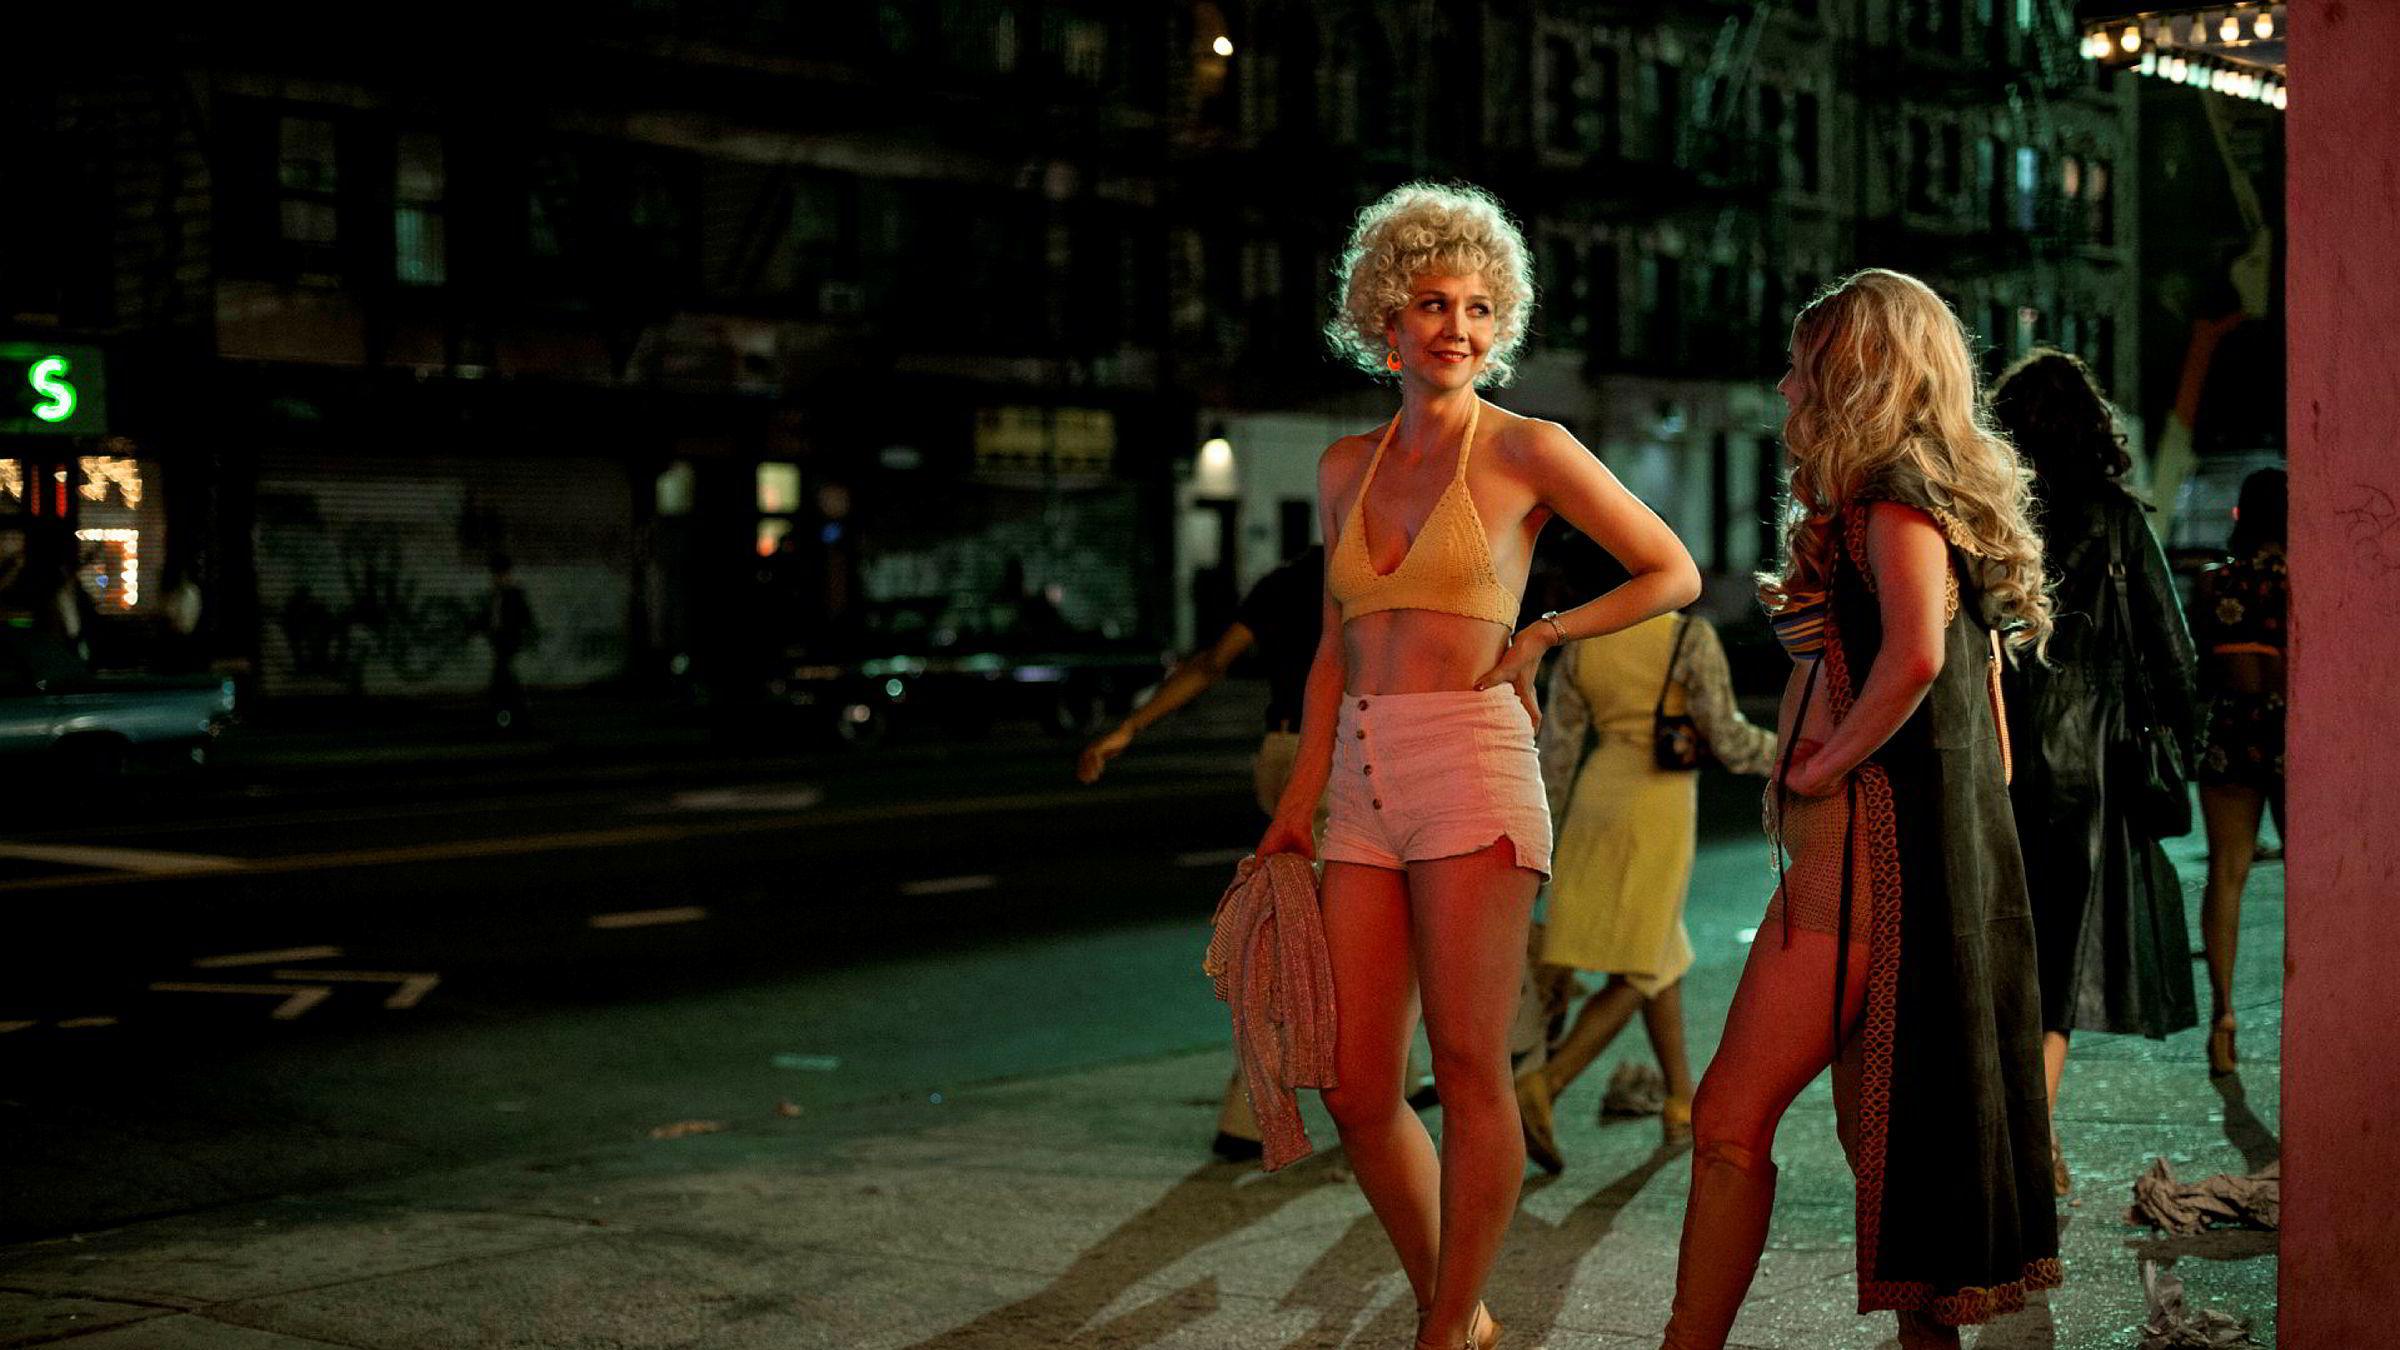 I oktober er det premiere på HBO-serien «The Deuce», som i fiksjonsform tar for seg porno- og prostitusjonsmiljøet rundt Times Square i New York på begynnelsen av 70-tallet, undergrunnskulturen som kulminerte med «Deep Throat».